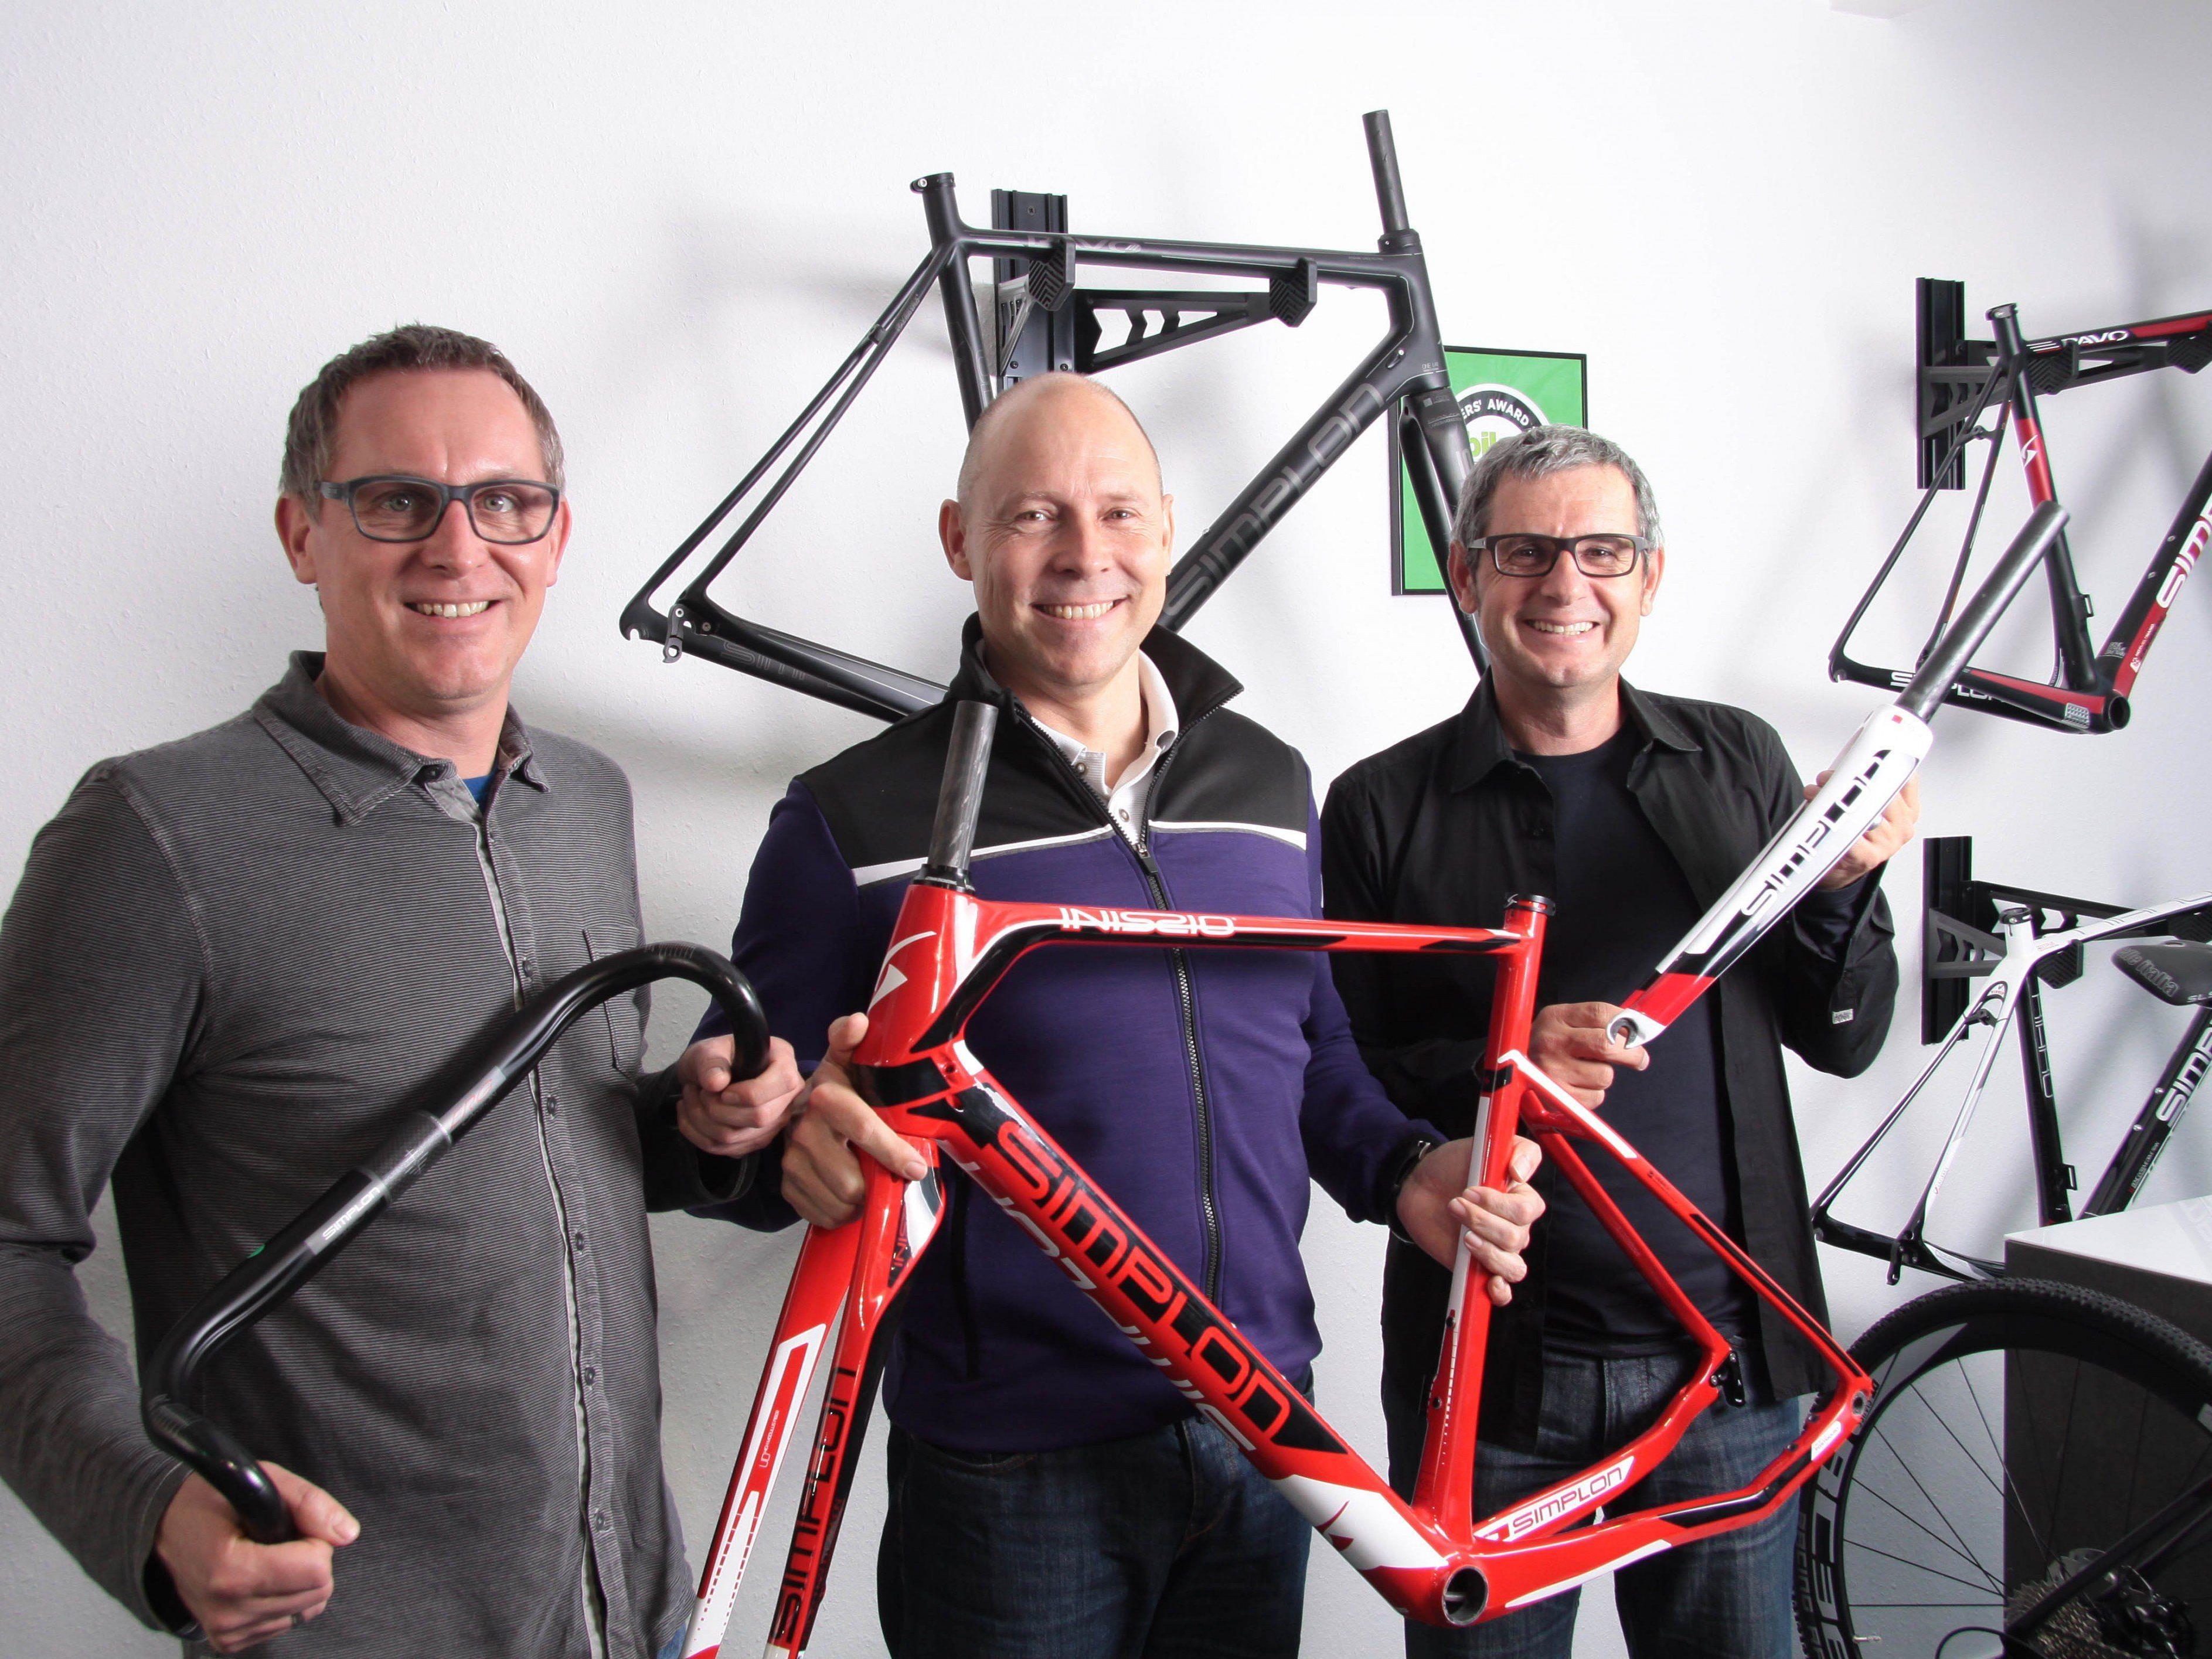 Freuen sich über die erhaltene Auszeichnung: Geschäftsführer Stefan Vollbach (Bildmitte) mit den Simplon-Eigentümern Christian (li.) und Andreas Hämmerle.